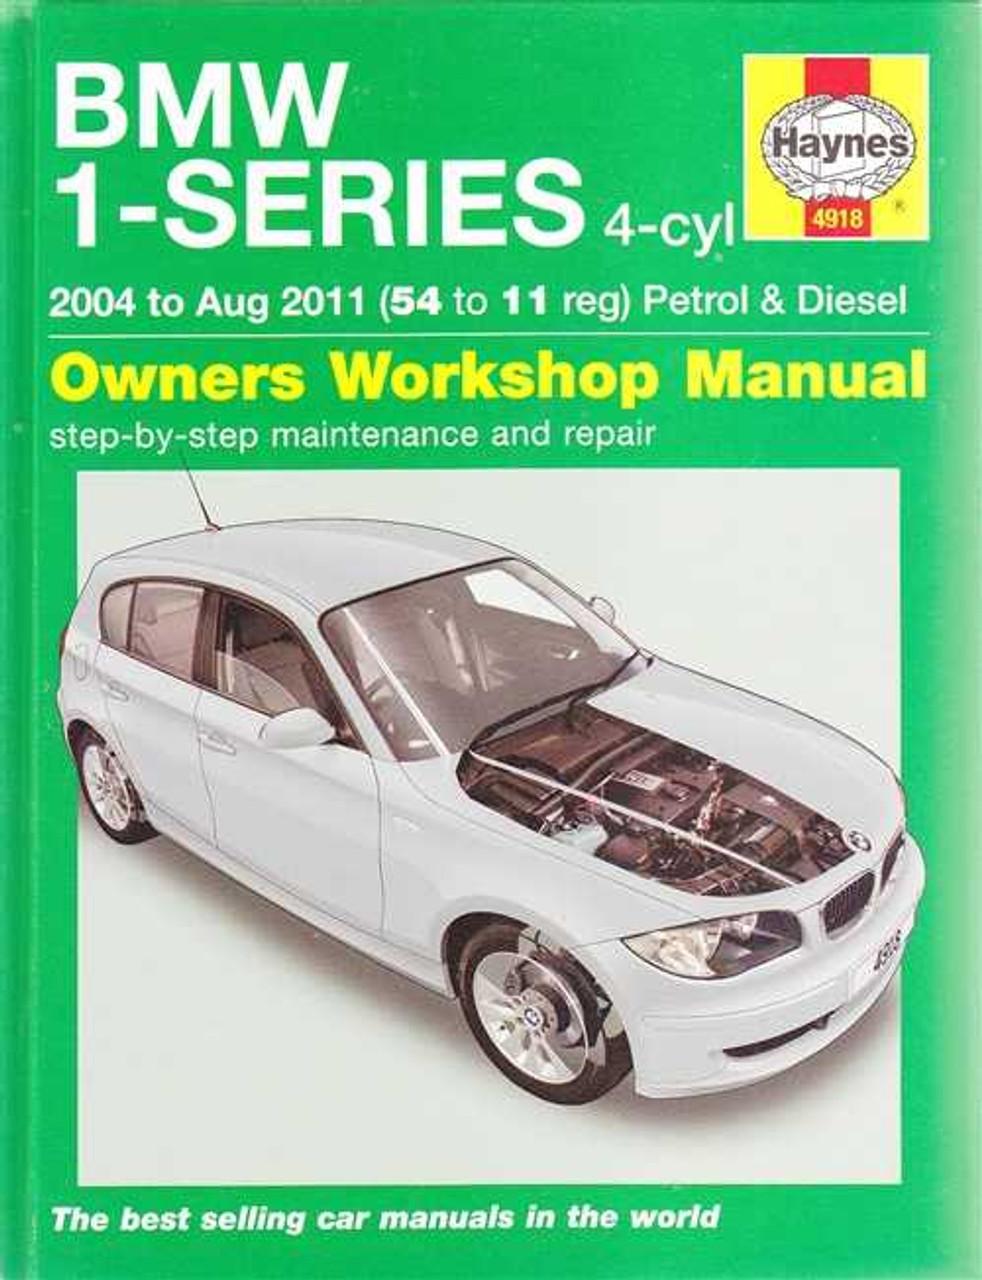 bmw 1 series e81 e87 e82 petrol diesel 2004 2011 workshop manual rh automotobookshop com au 2005 bmw 120i e87 manual bmw 120i e87 owners manual